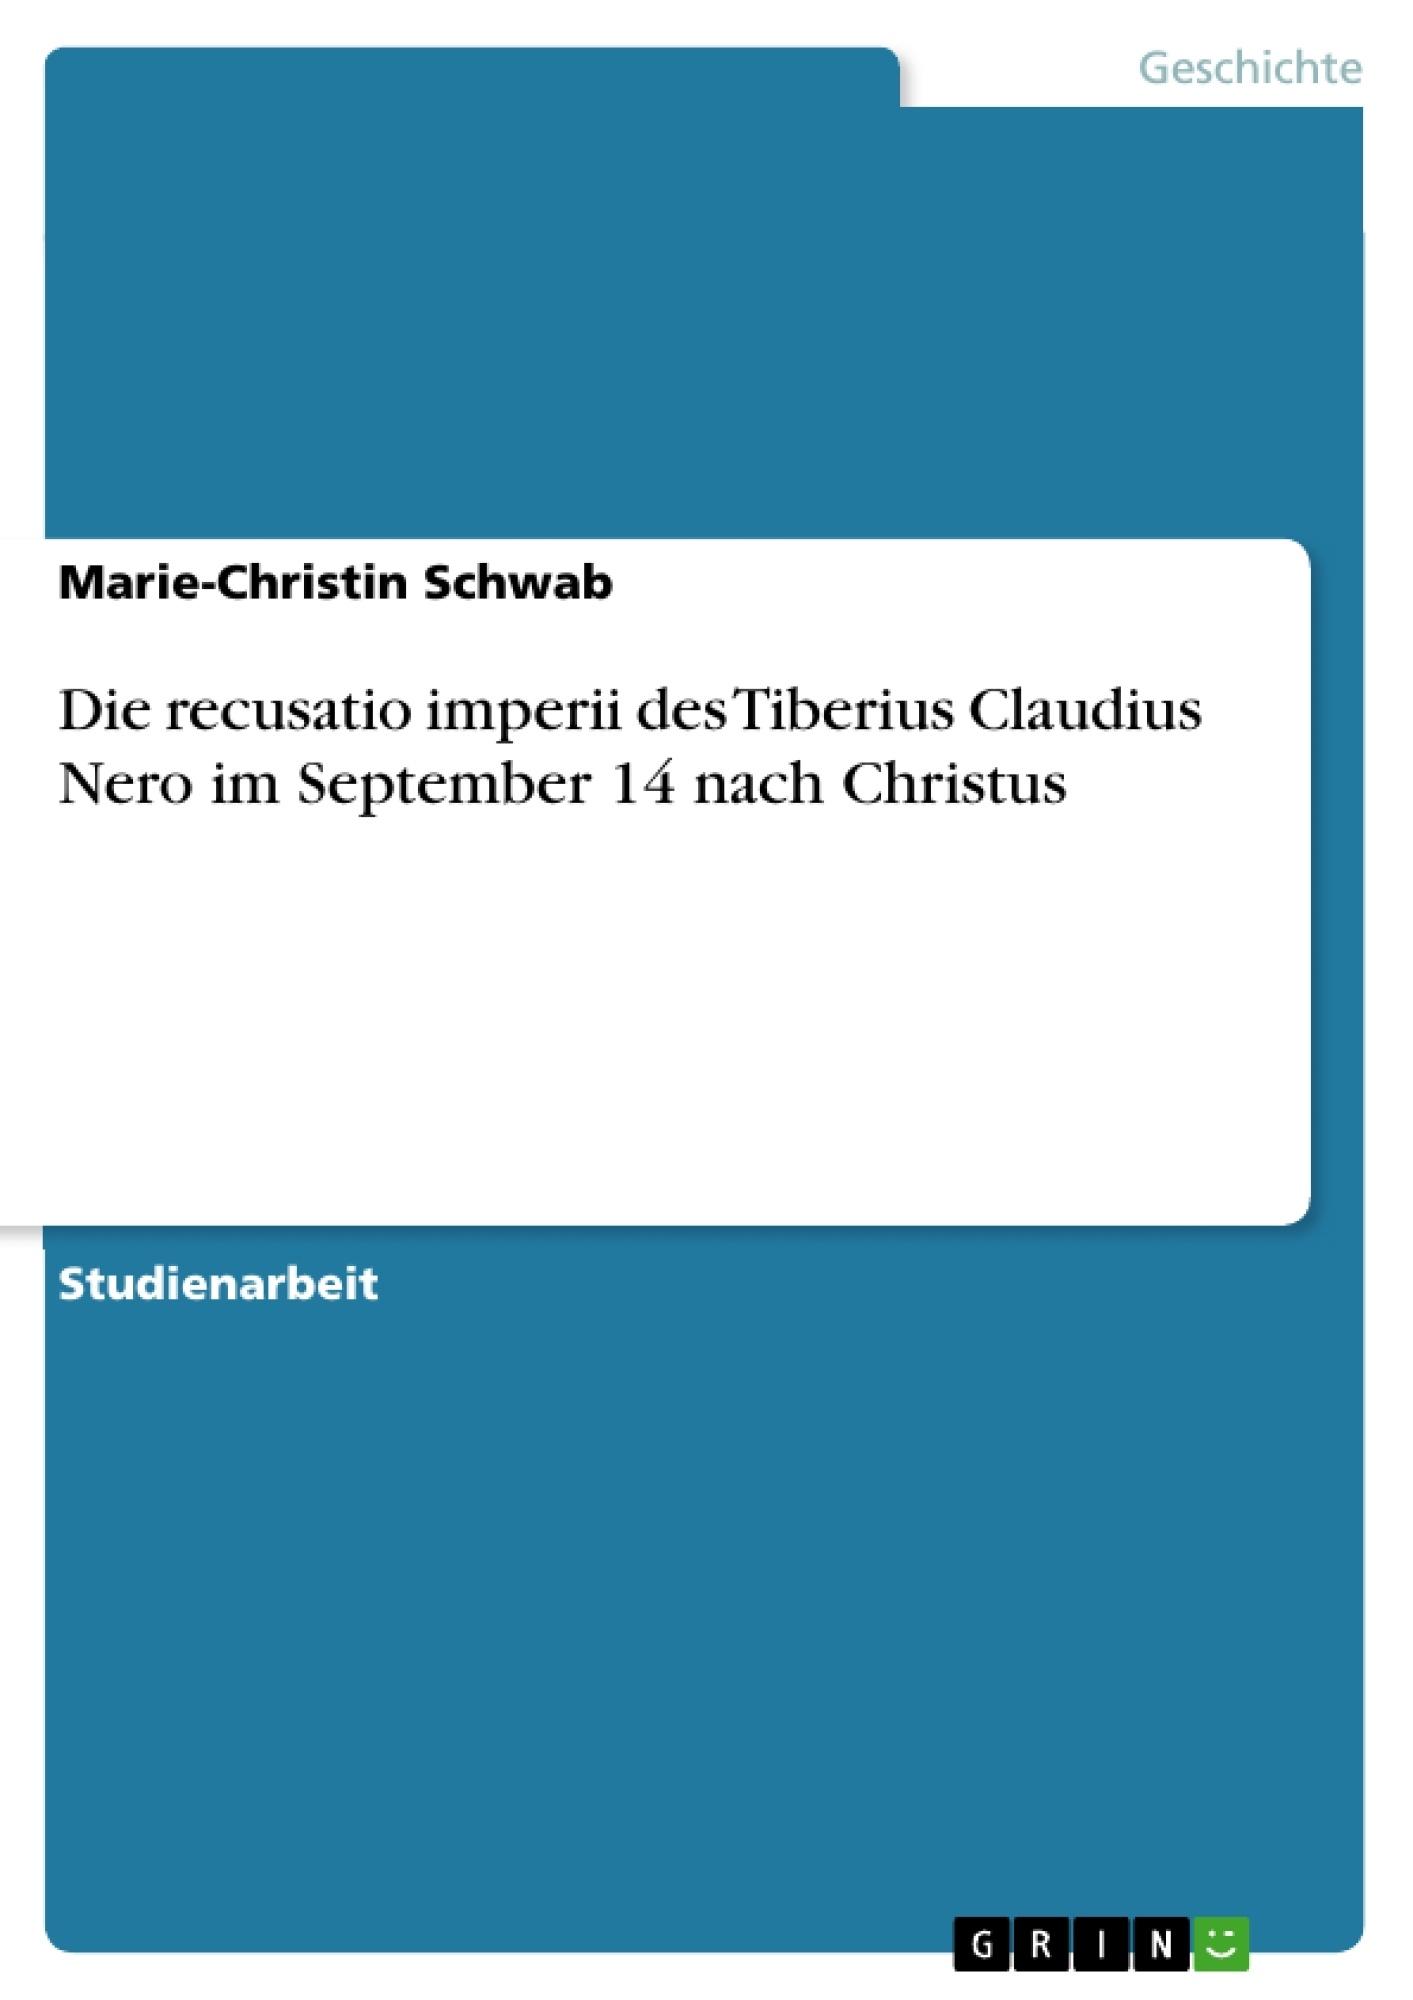 Titel: Die recusatio imperii des Tiberius Claudius Nero im September 14 nach Christus